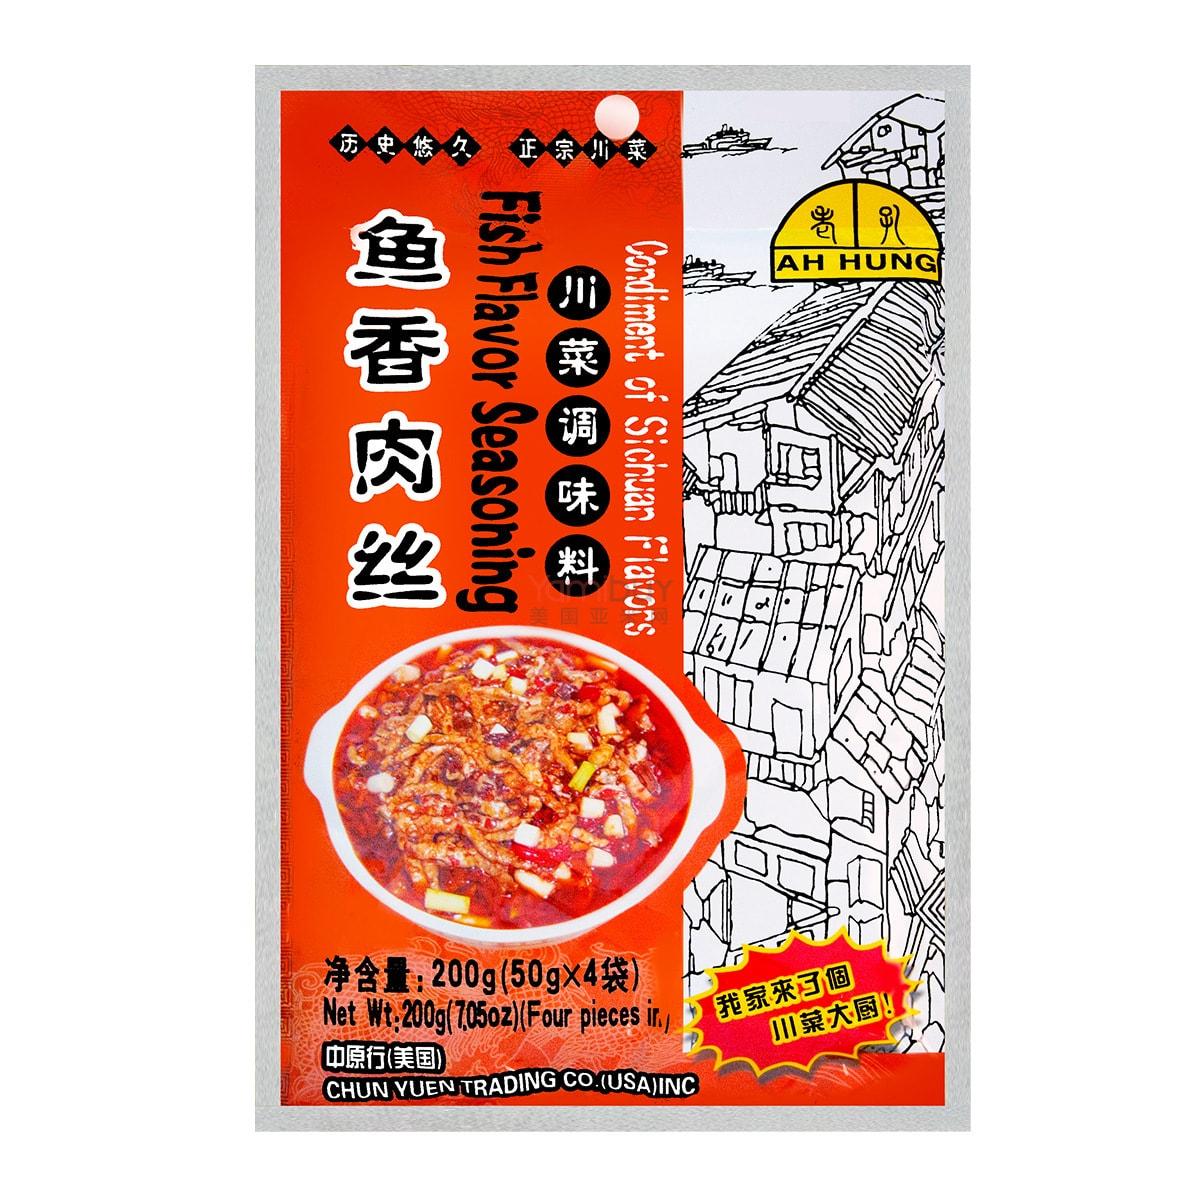 重庆老孔 川菜调味料 鱼香肉丝 200g